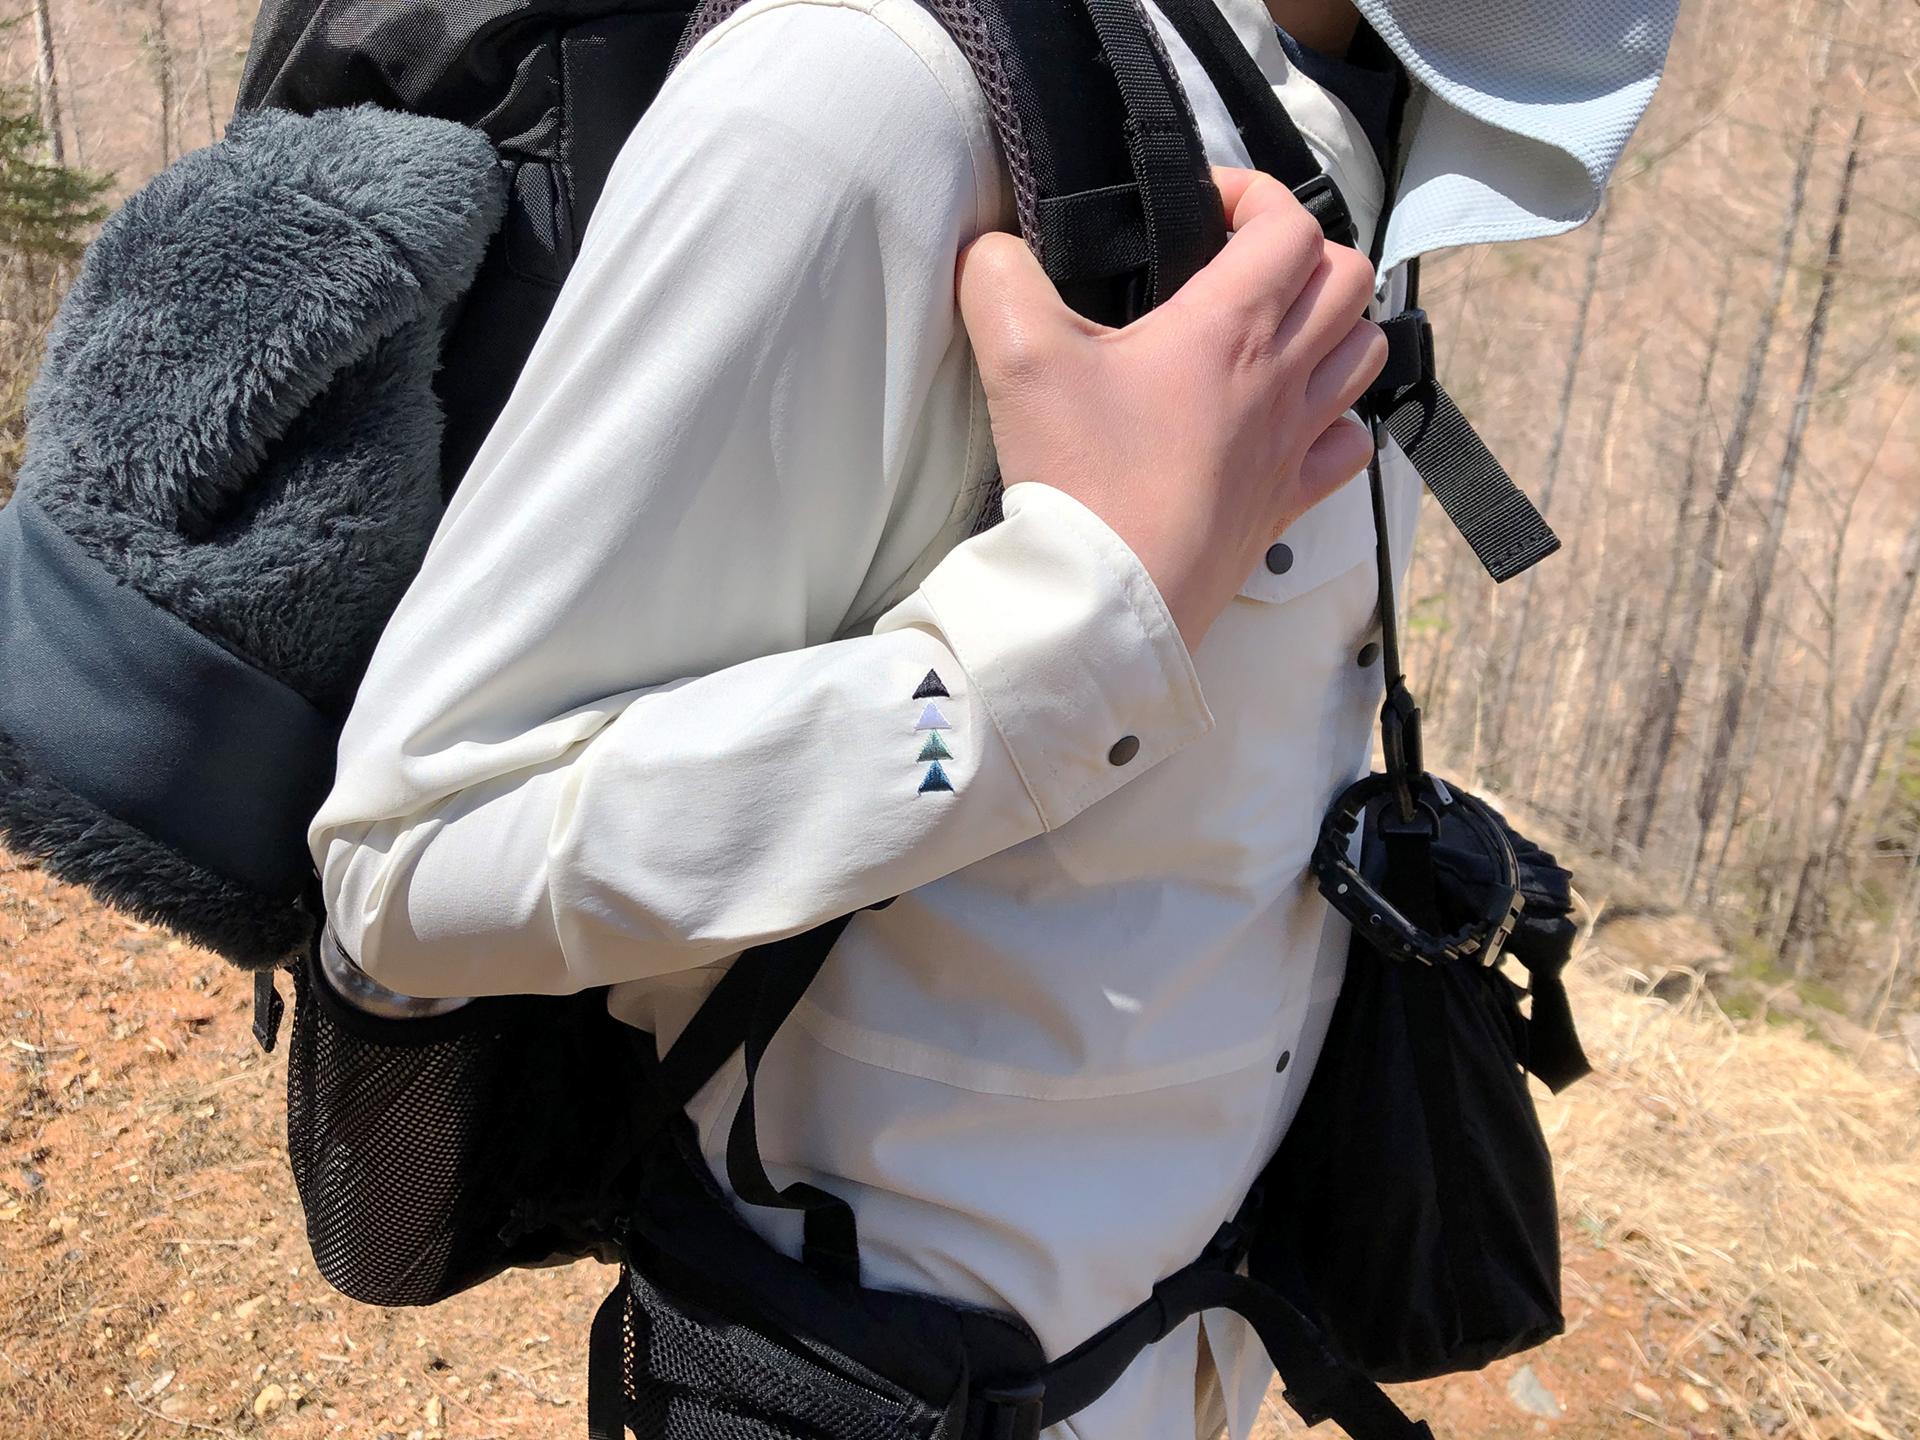 22 山を愛するマンガ家・鈴木ともこさんと行く!北八ヶ岳・しらびそ小屋〜コロナ禍で再発見した魅力とは〜